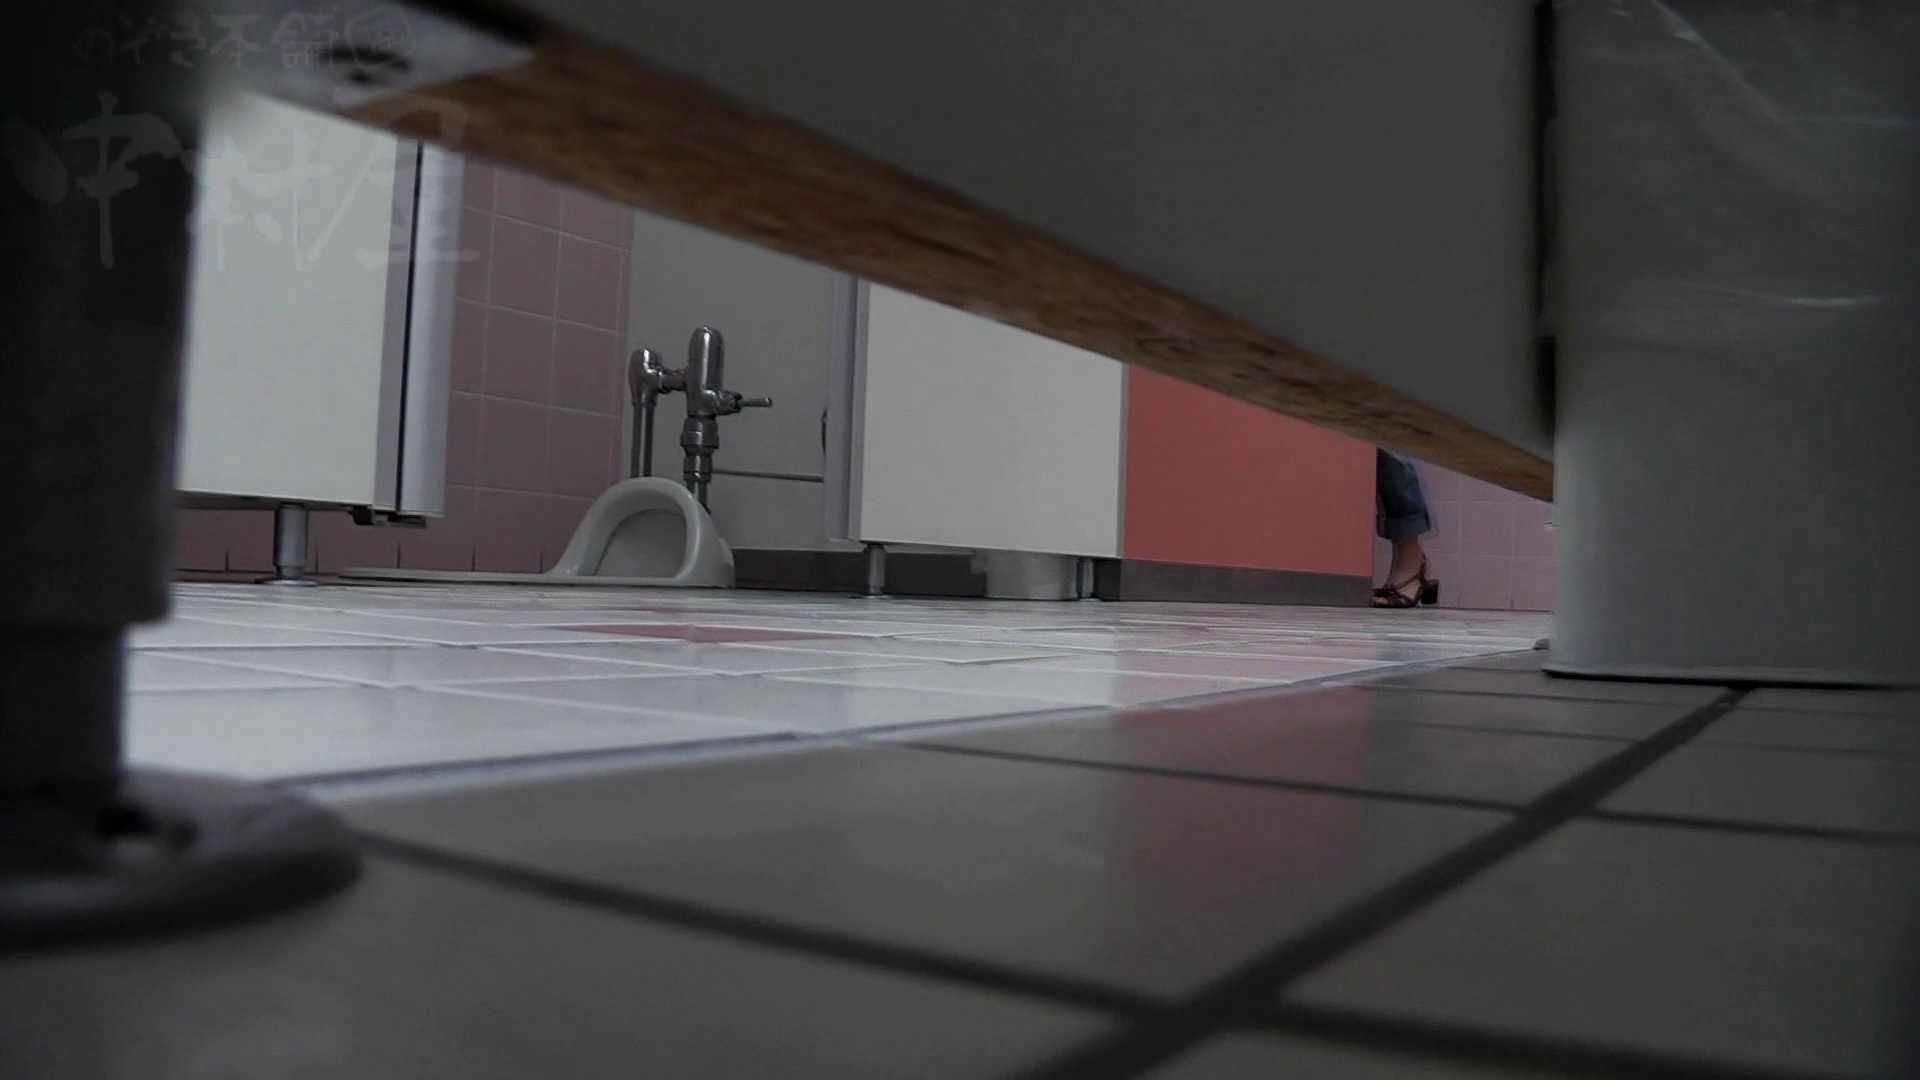 美しい日本の未来 No.08 腕を磨き再発進 女子トイレ 隠し撮りAV無料 90PICs 68